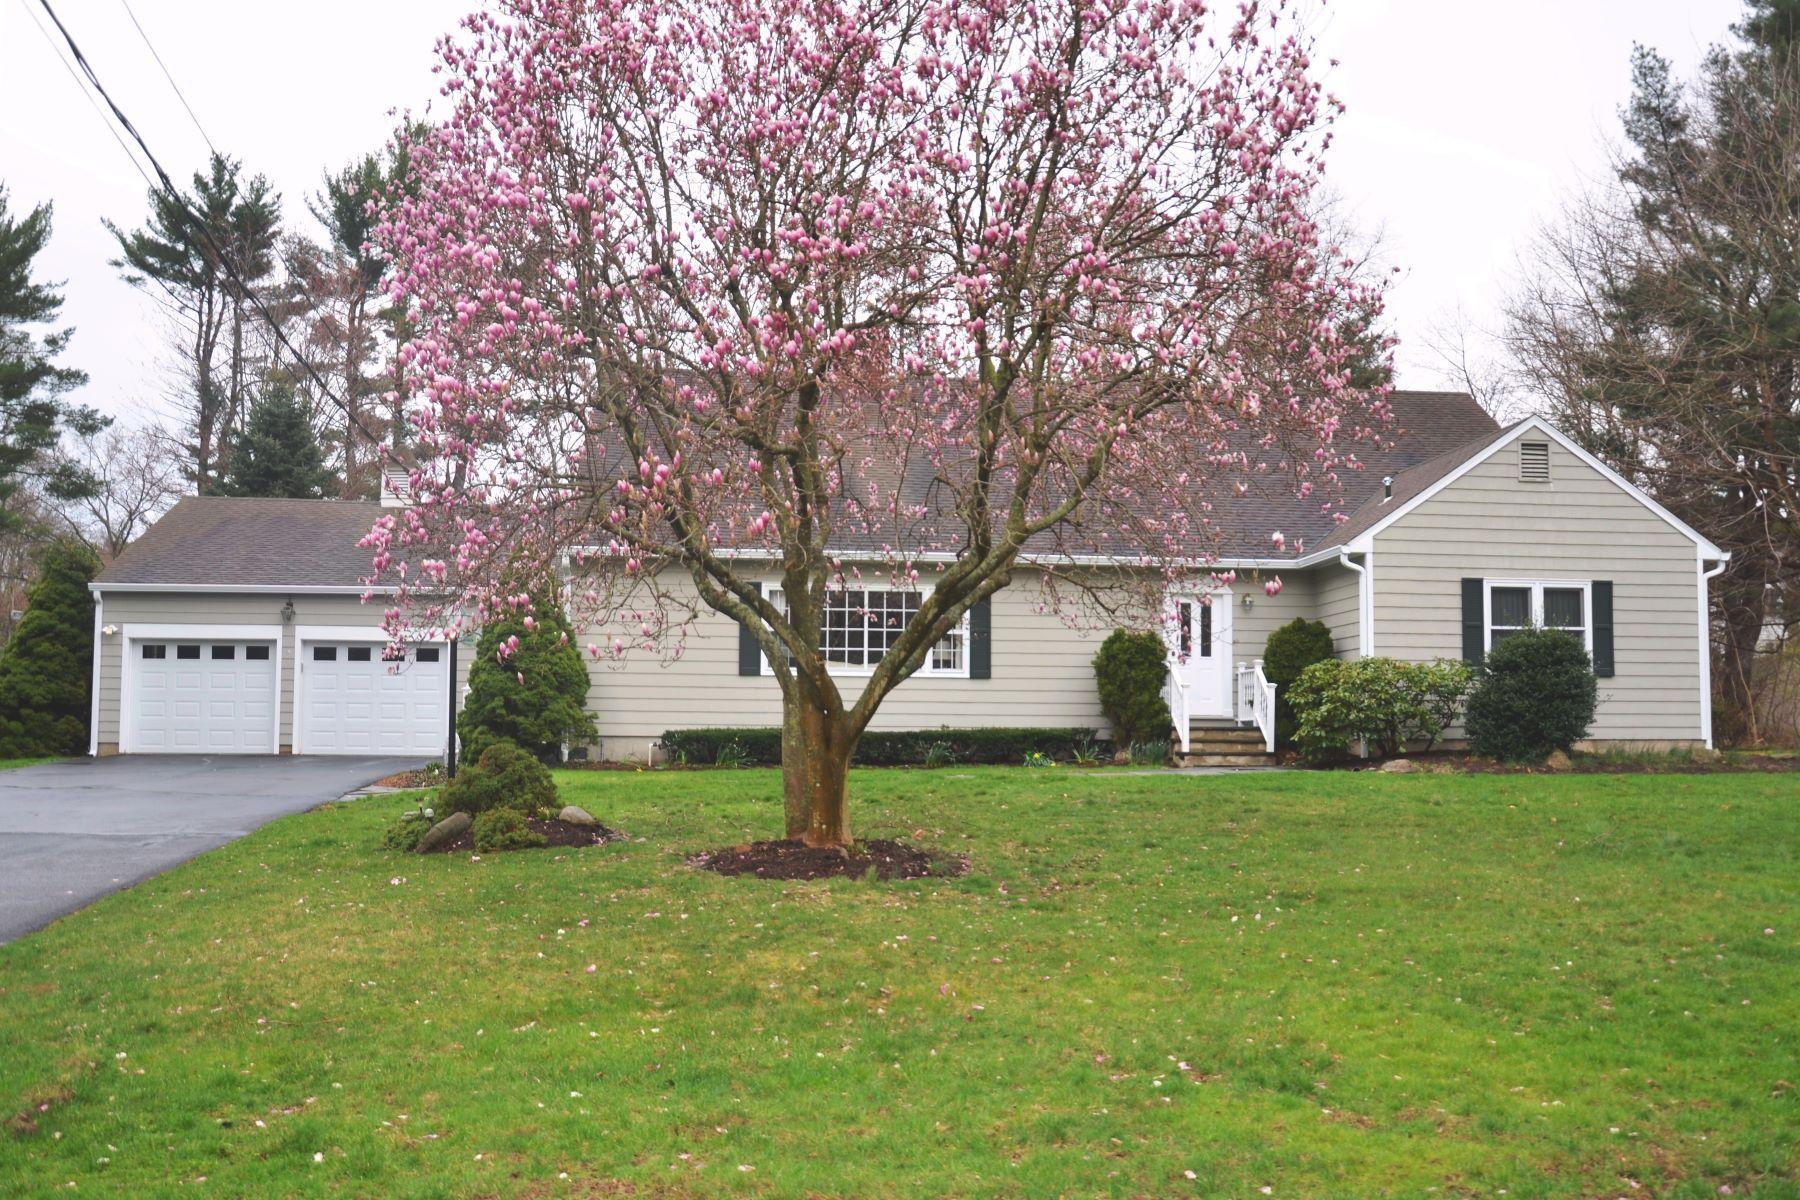 Maison unifamiliale pour l Vente à 1 Swale Road Norwalk, Connecticut, 06855 États-Unis